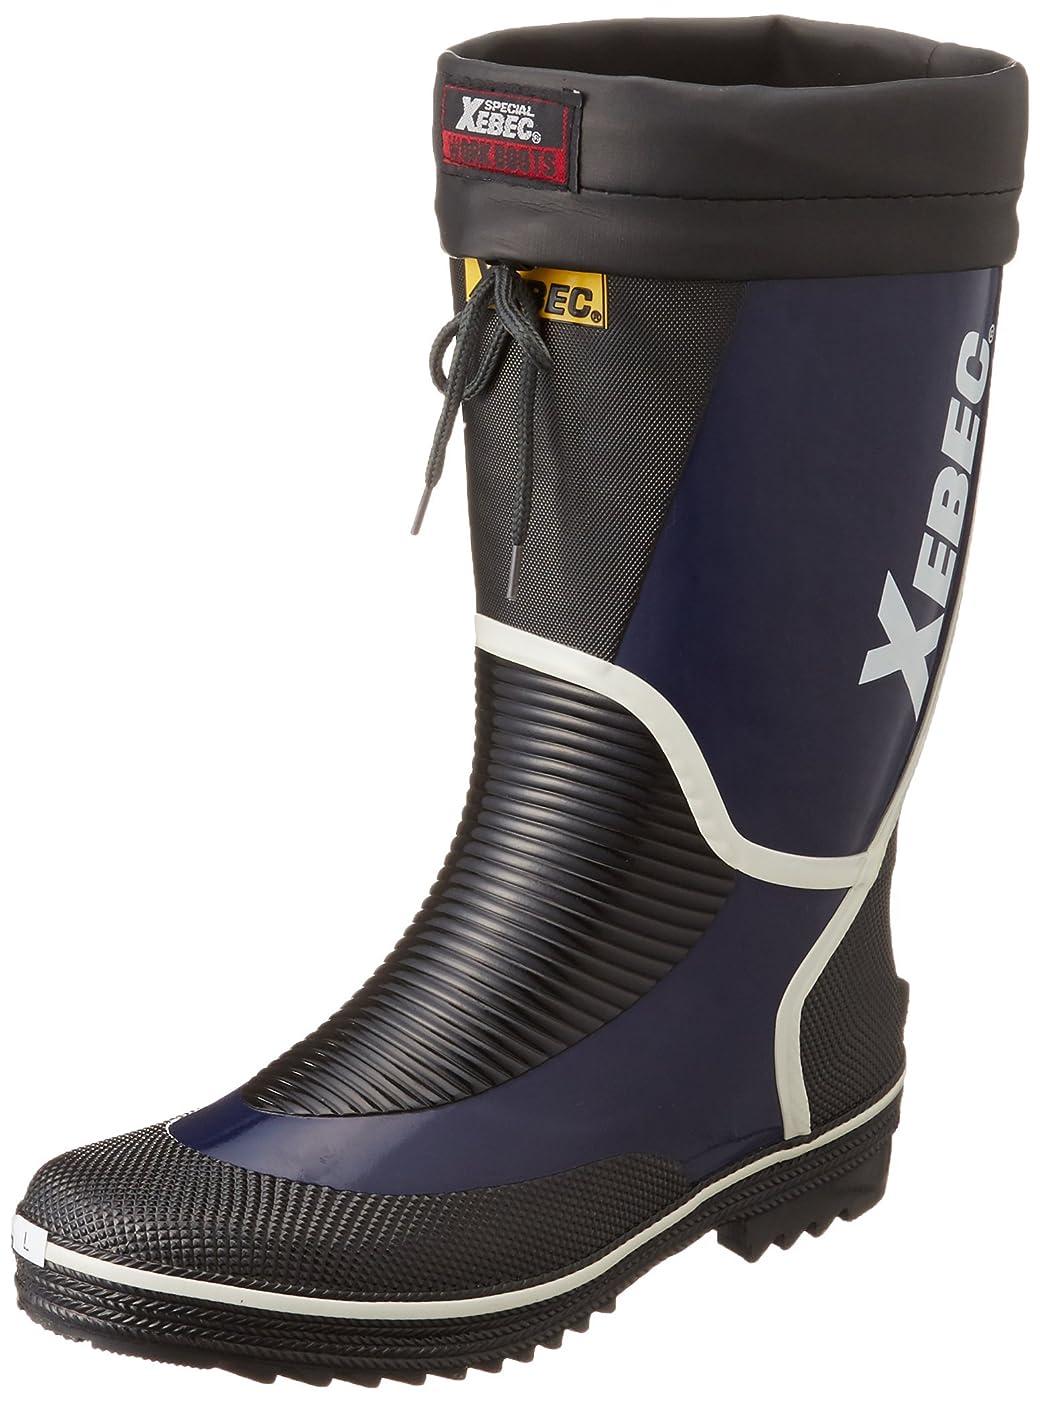 [ジーベック] 安全靴 85706 吸汗抗菌 長靴